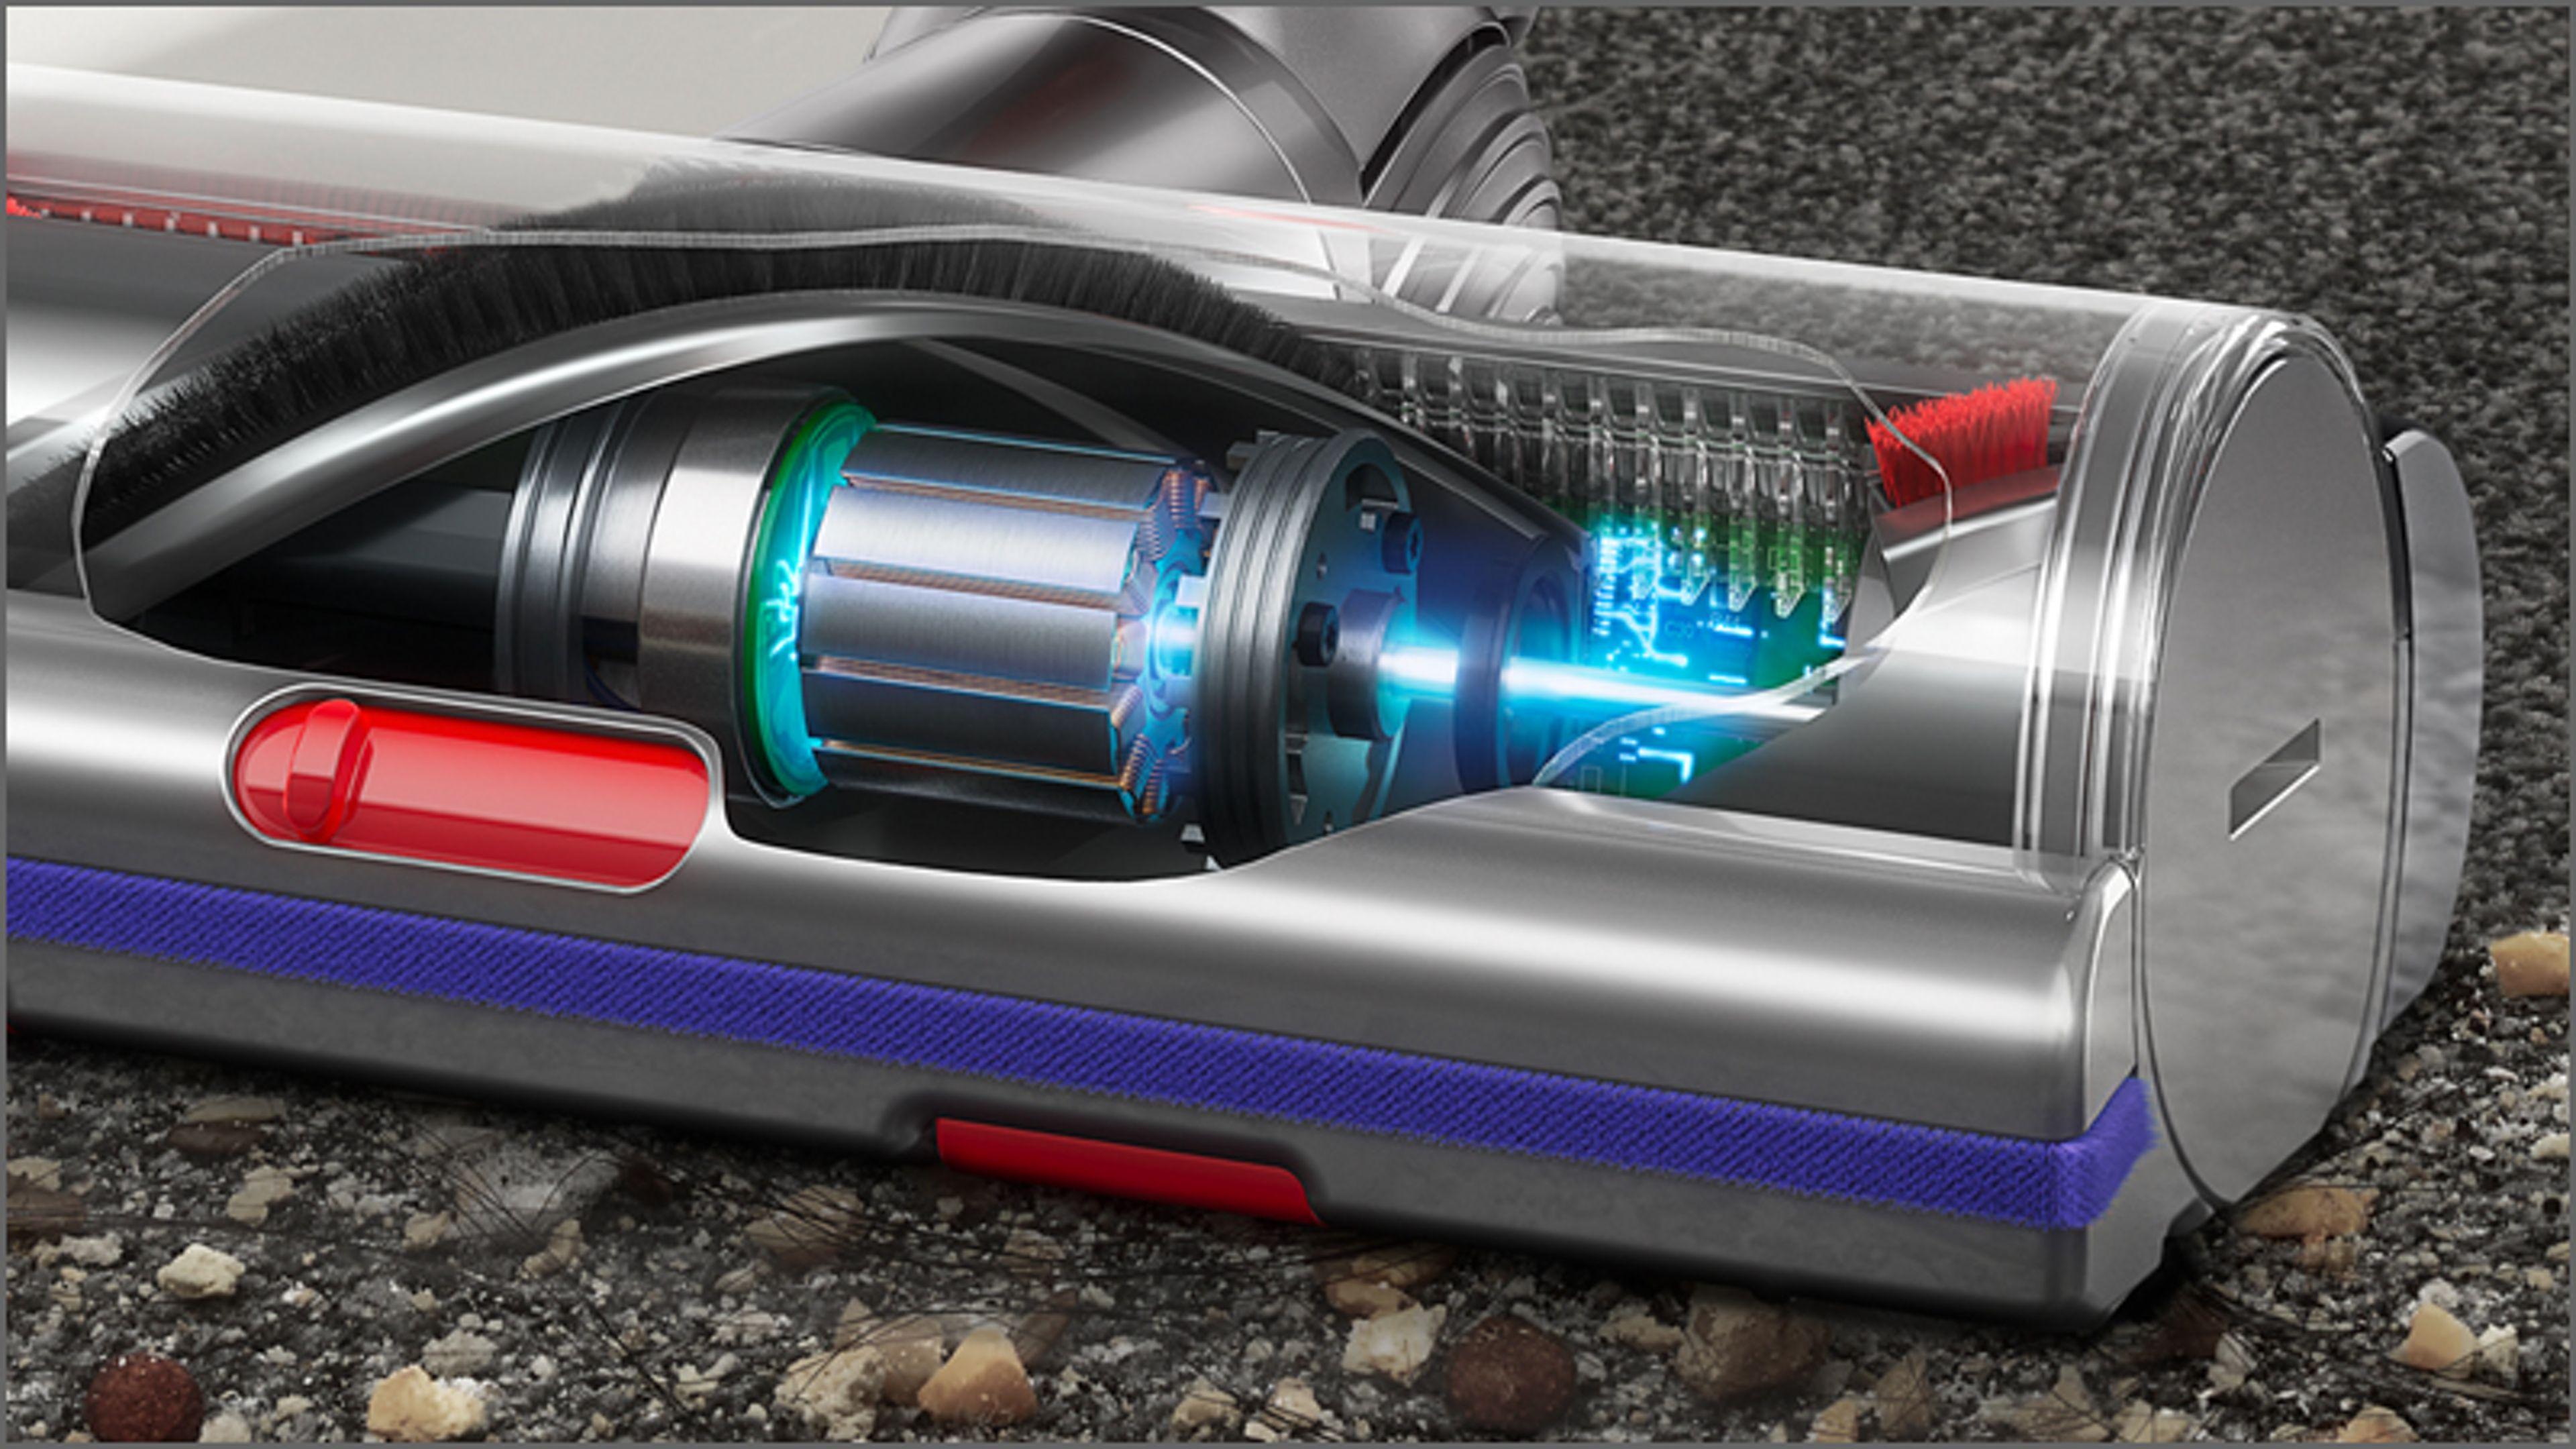 Przekrój elektroszczotki Torque Drive z technologią Anti-tangle